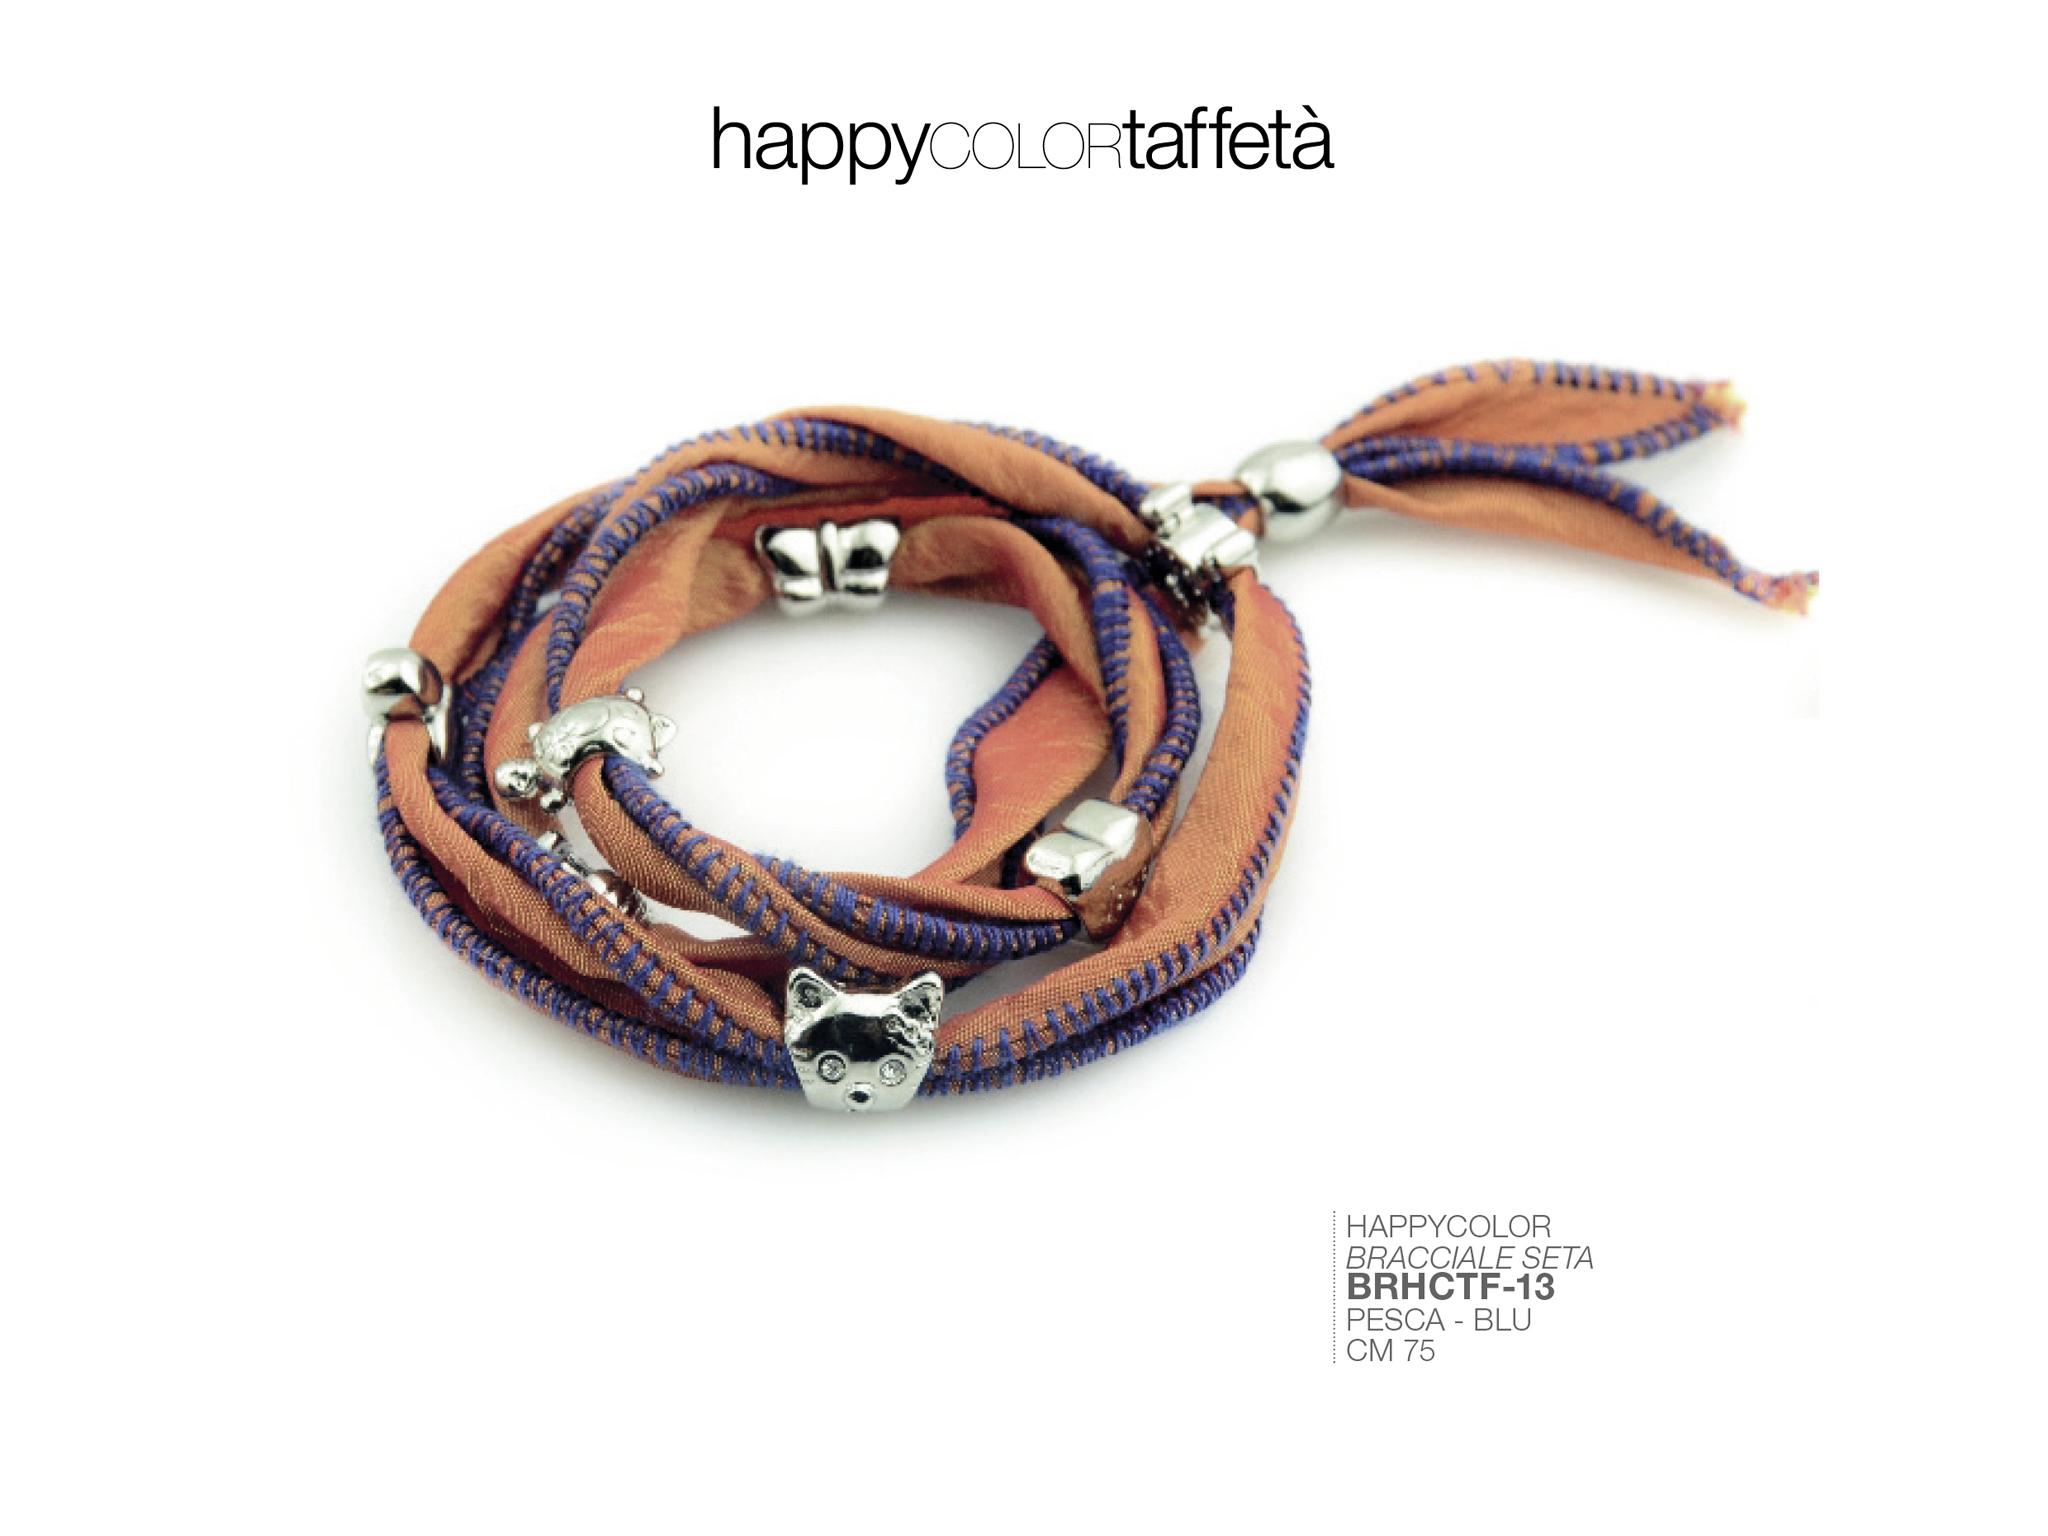 happycolor_taffeta_pagina_14_app